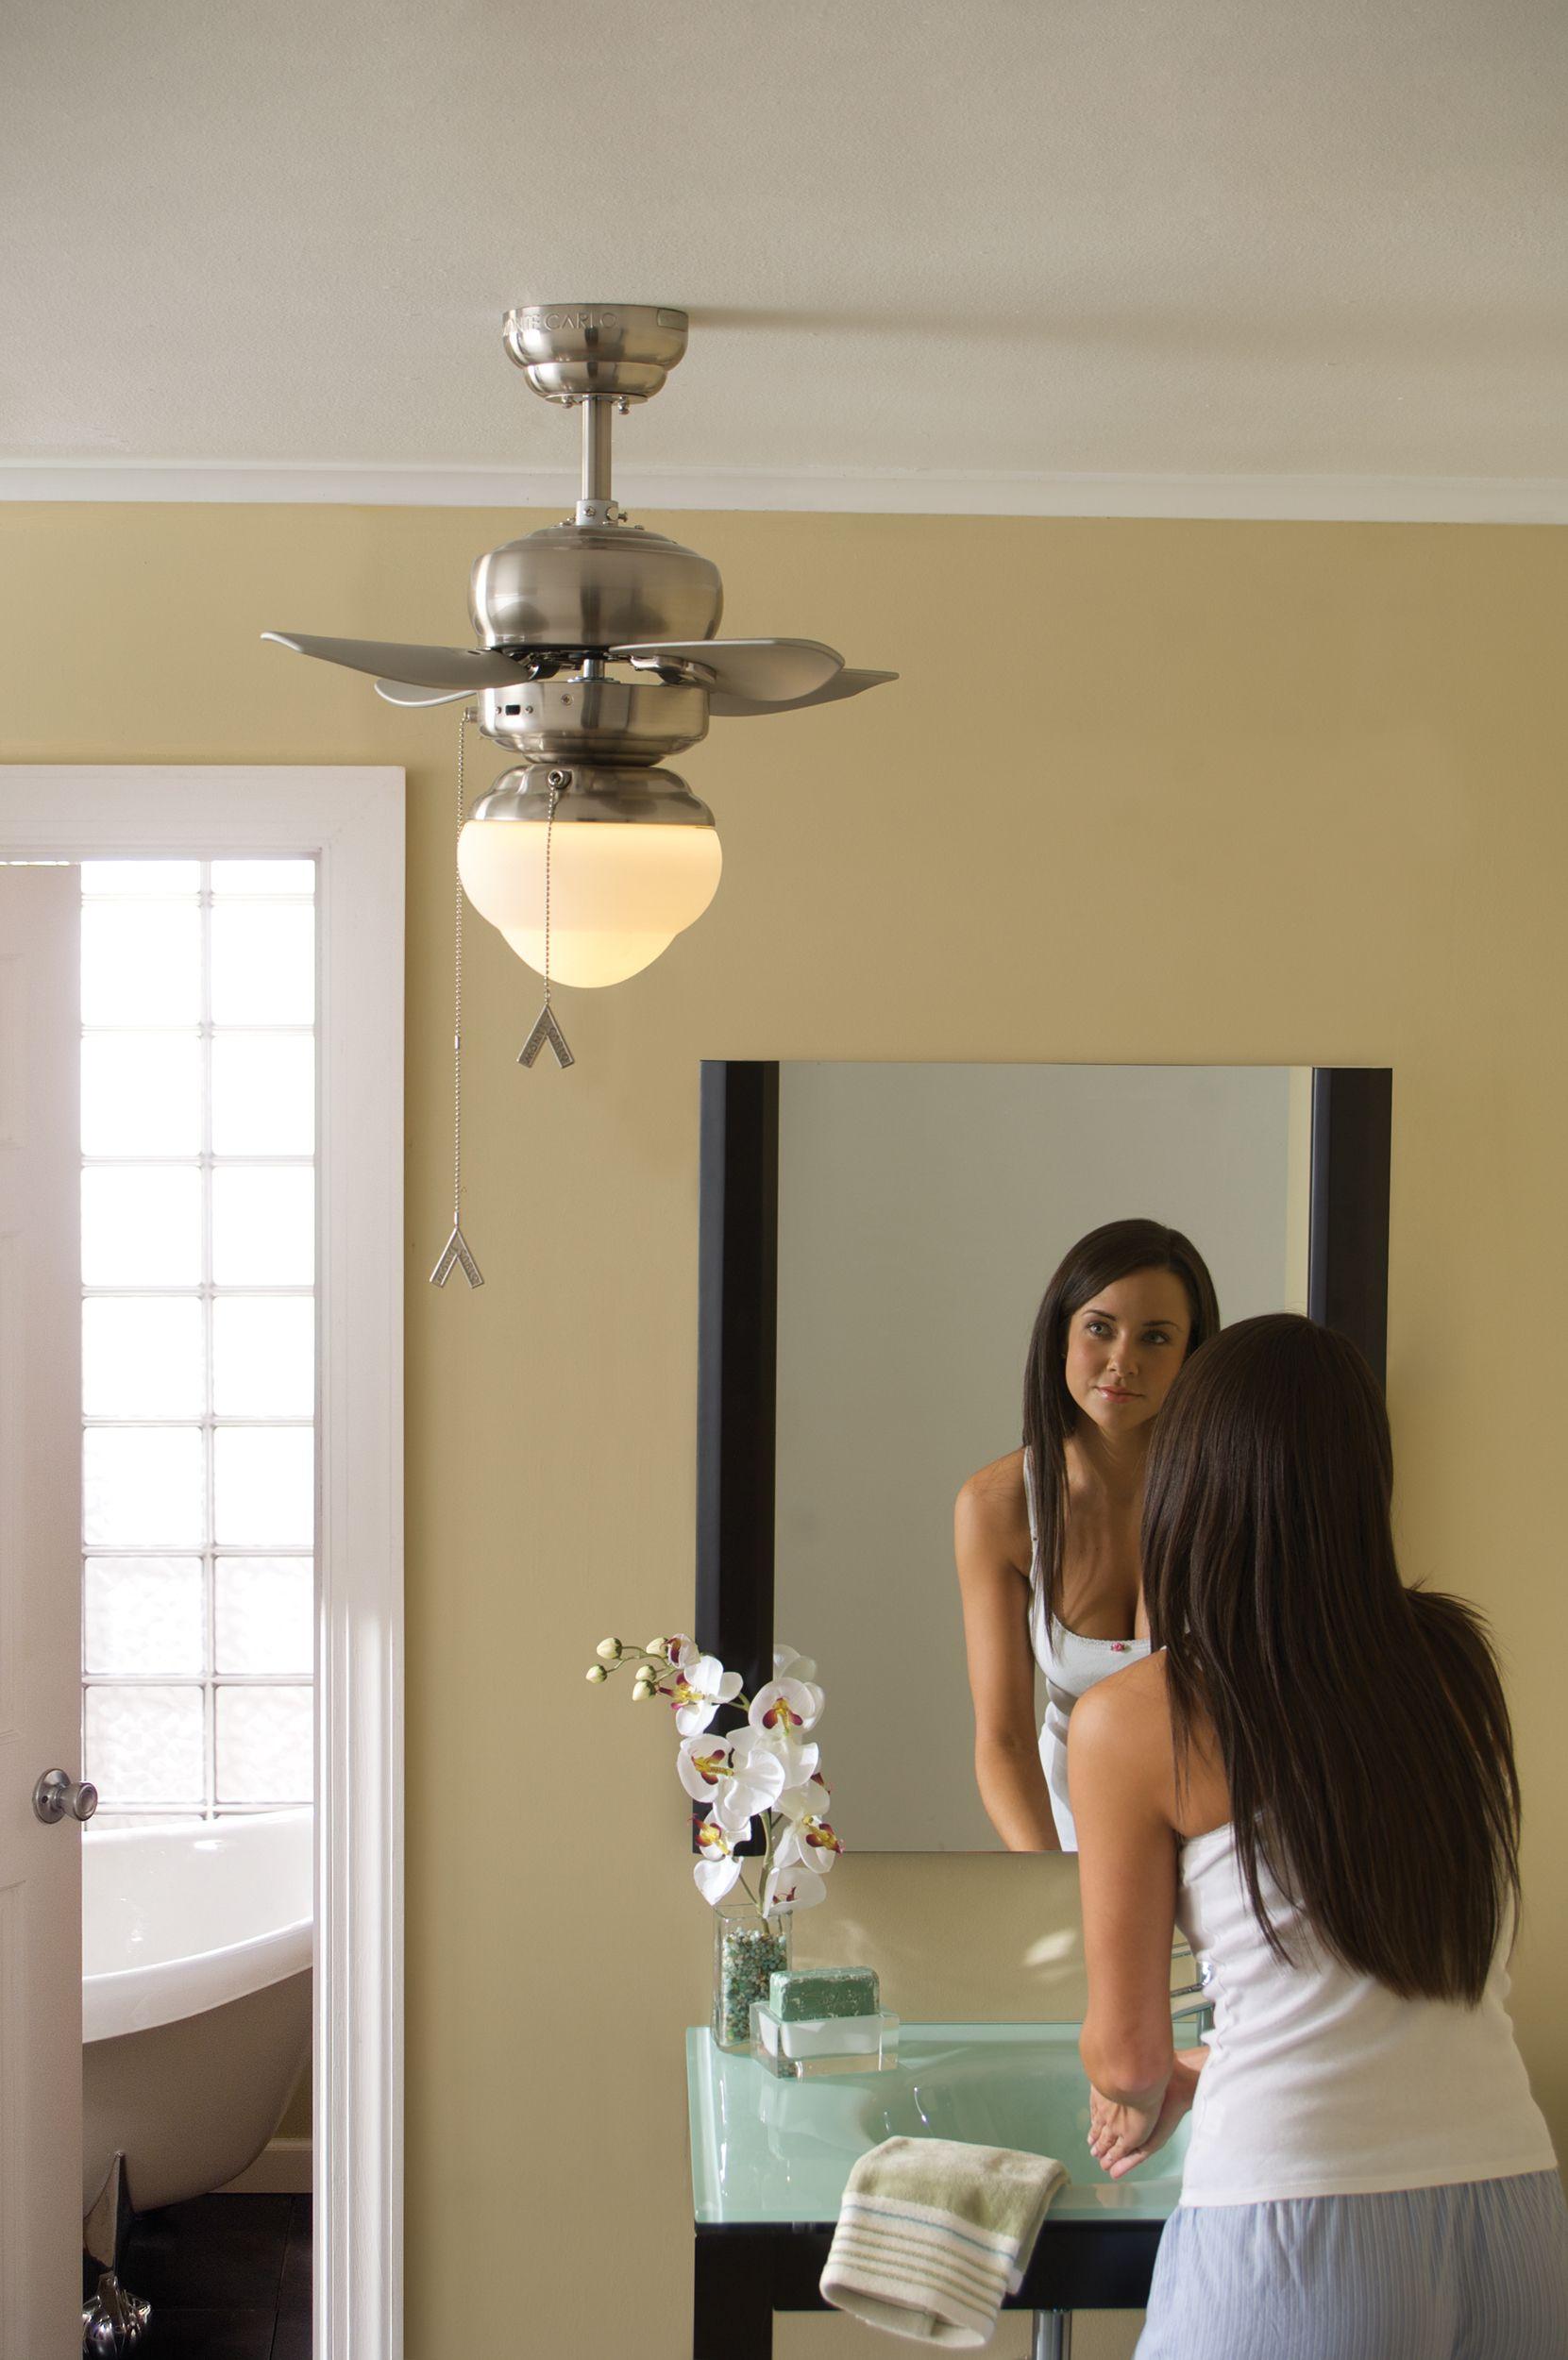 """Mini 20 Collectionmonte Carlo 20"""" Mini 20 Fan#fan #lighting Best Small Fan For Bathroom Design Decoration"""